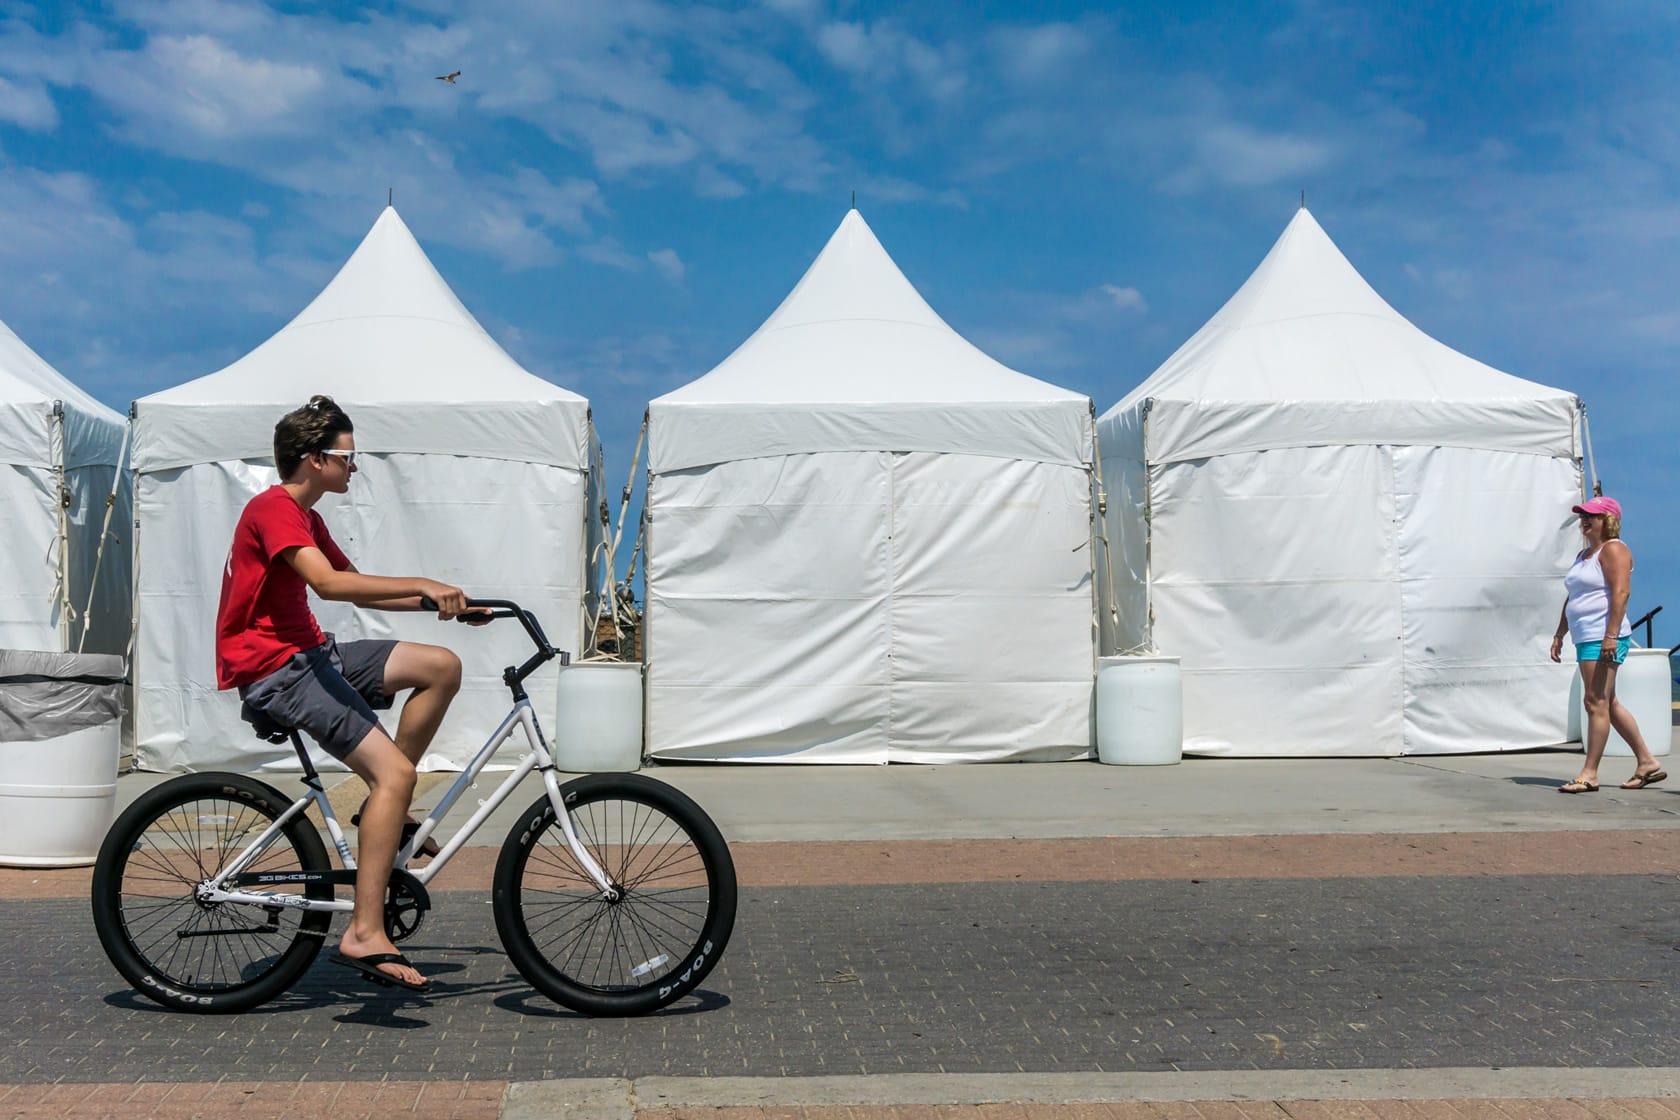 'Boardwalk Biker' by Michael Schmitt